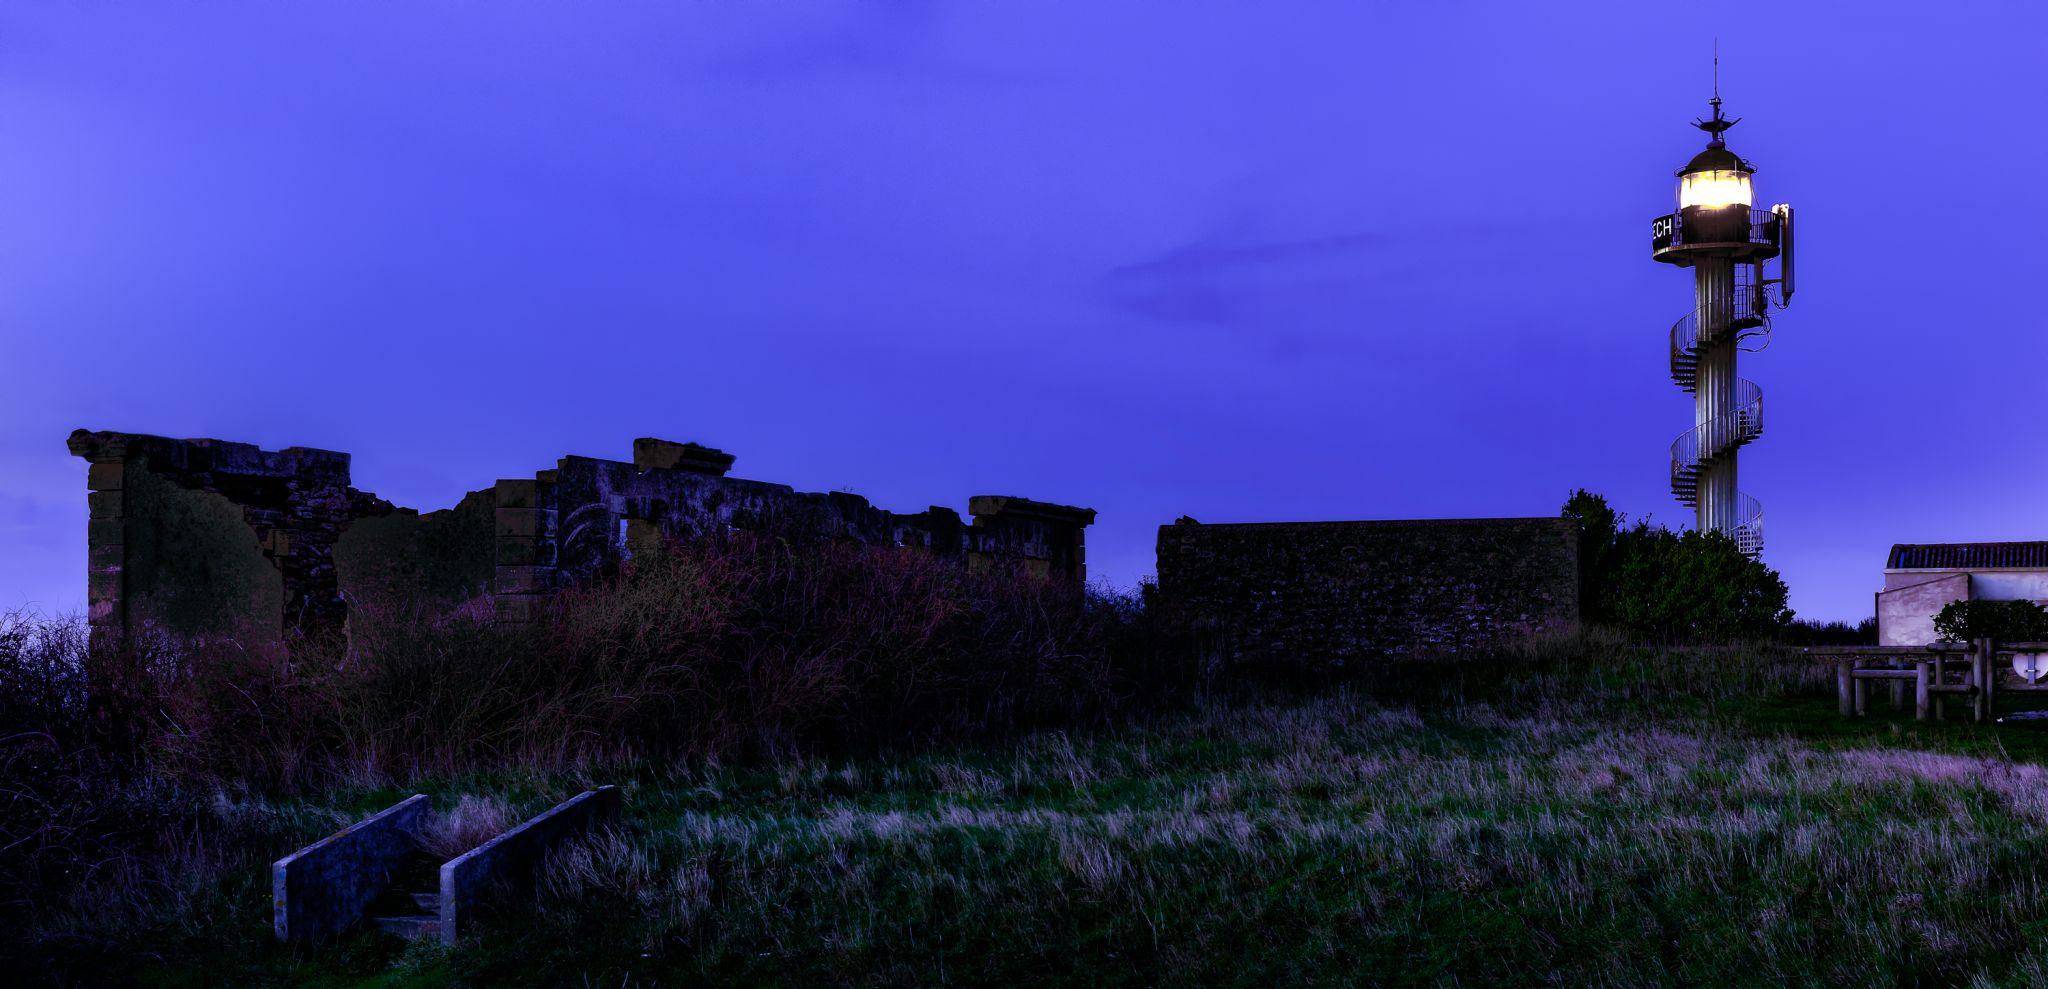 Phare d'Alprech, blue hour, France